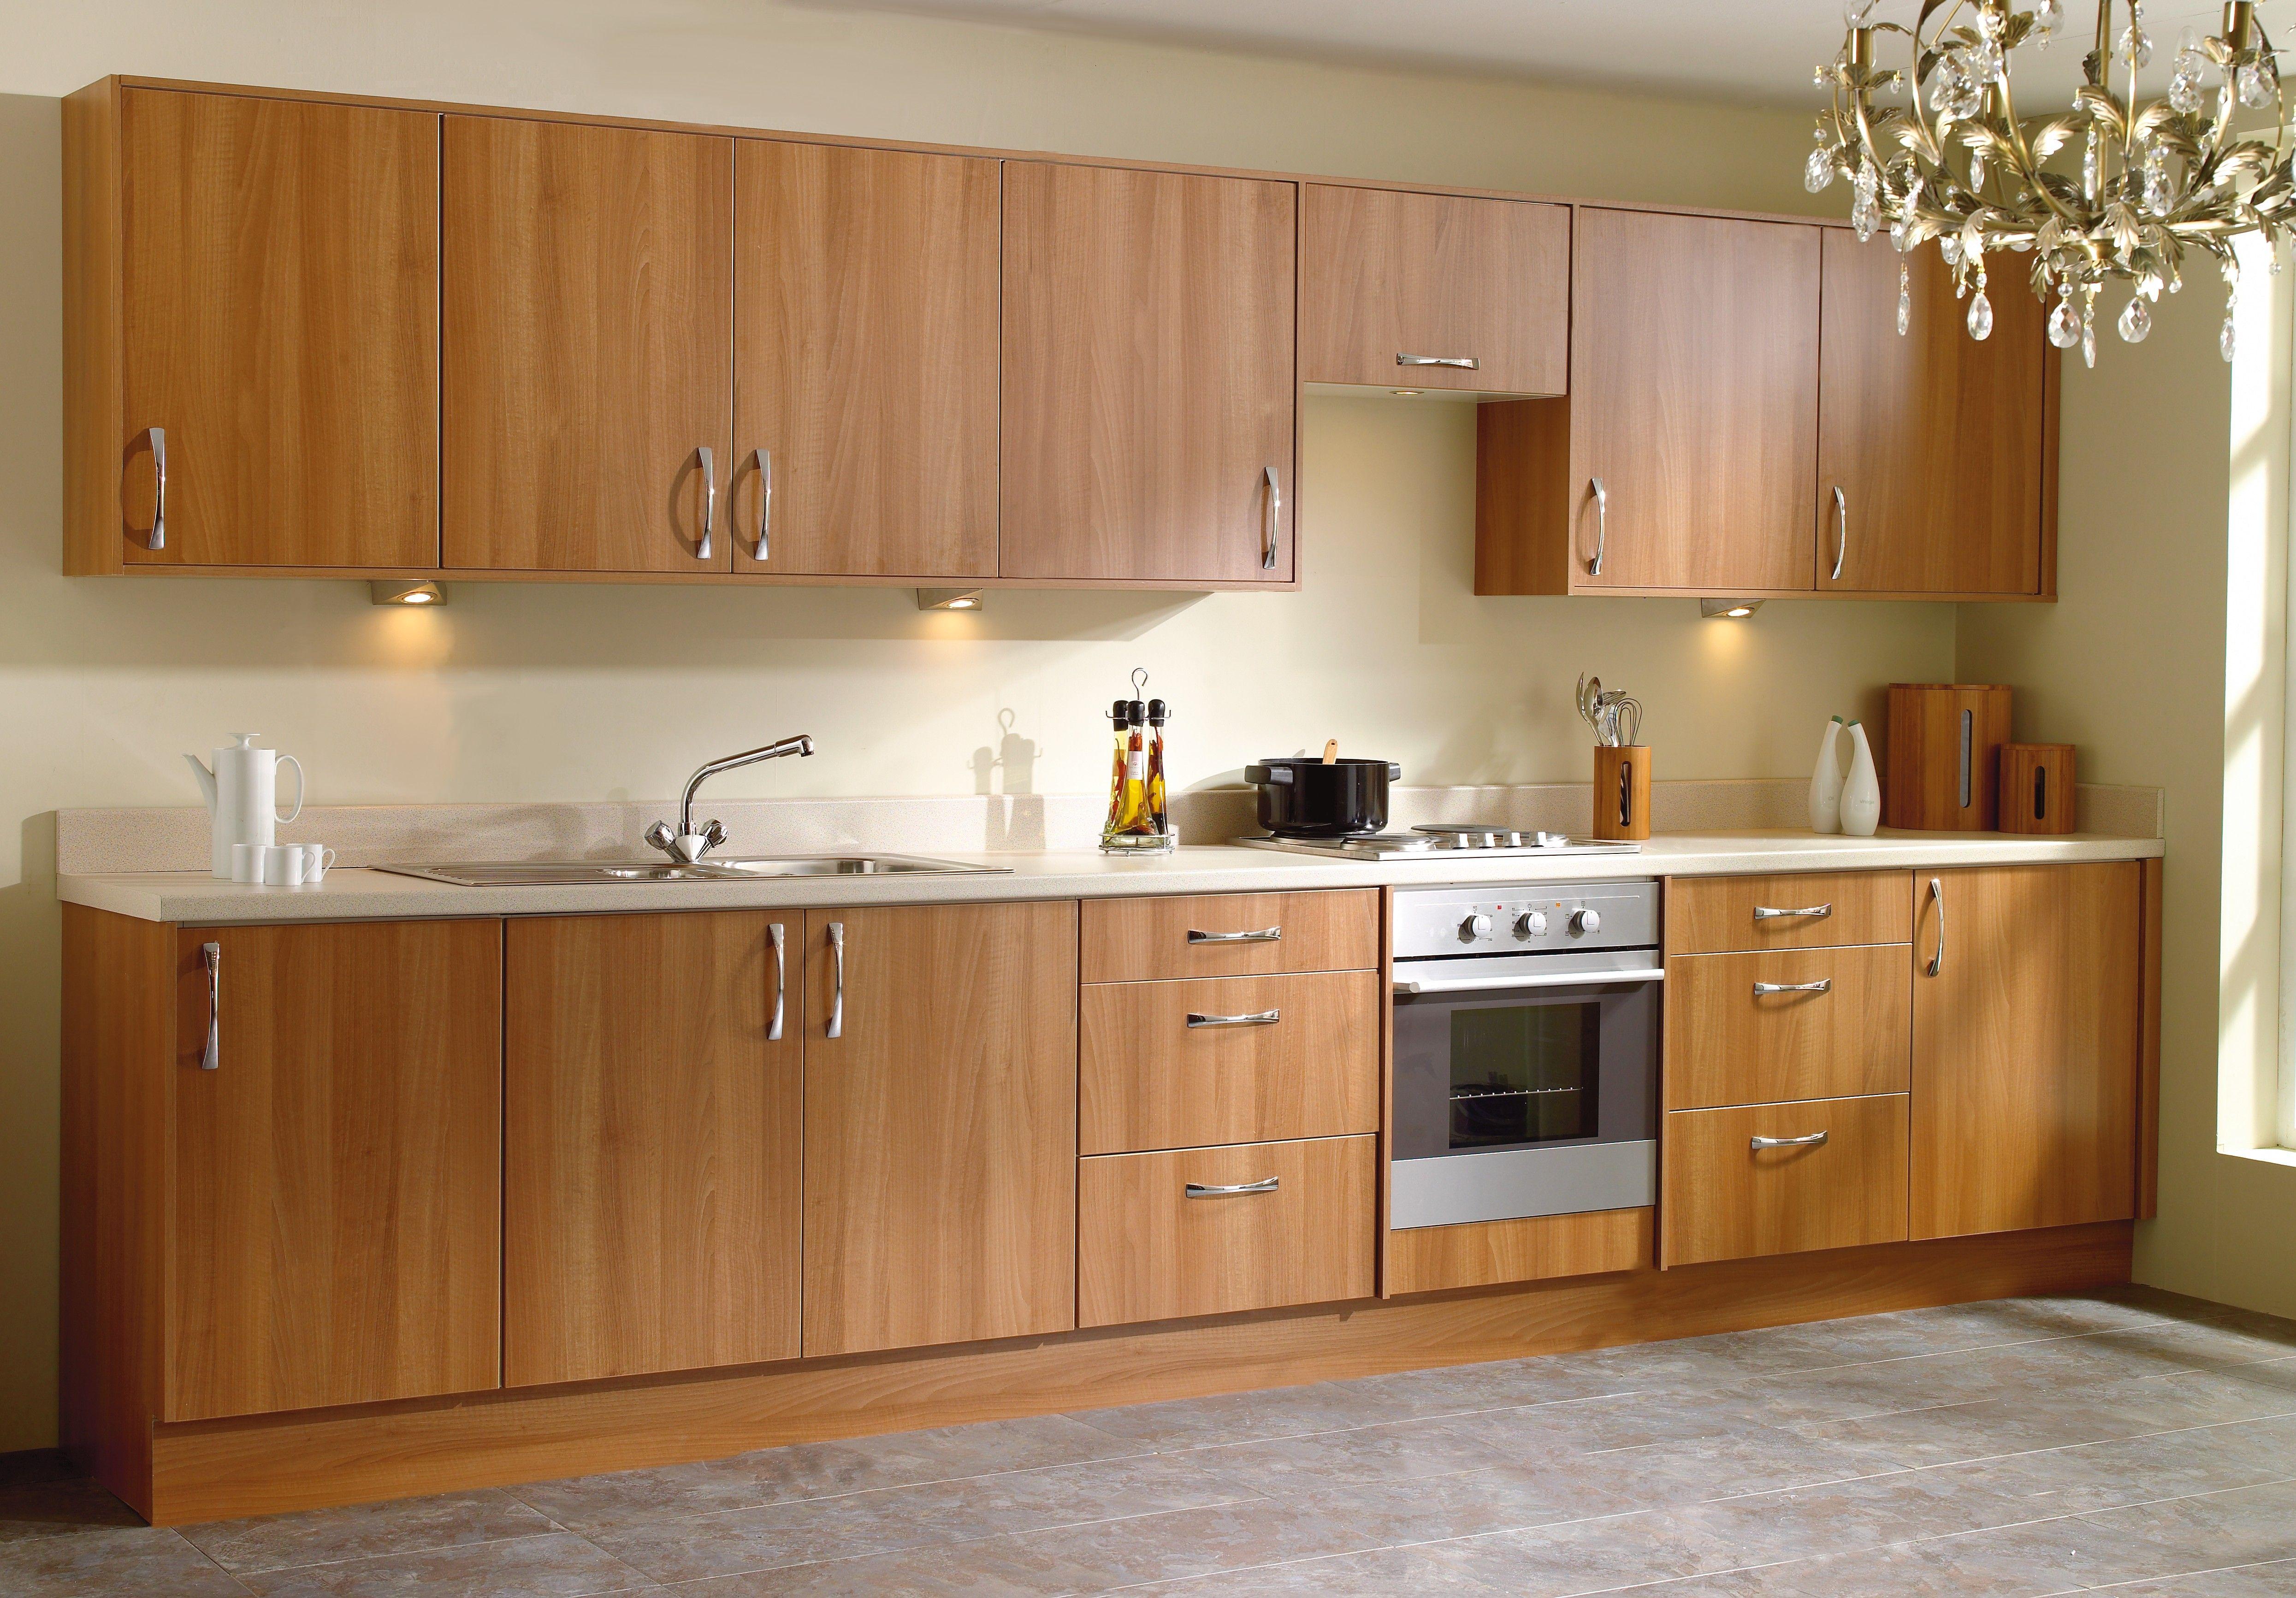 Rosewood Trieste Kitchen From John Nicholls Homedecor Kitchen Solutions Kitchen Design Rosewood Kitchen